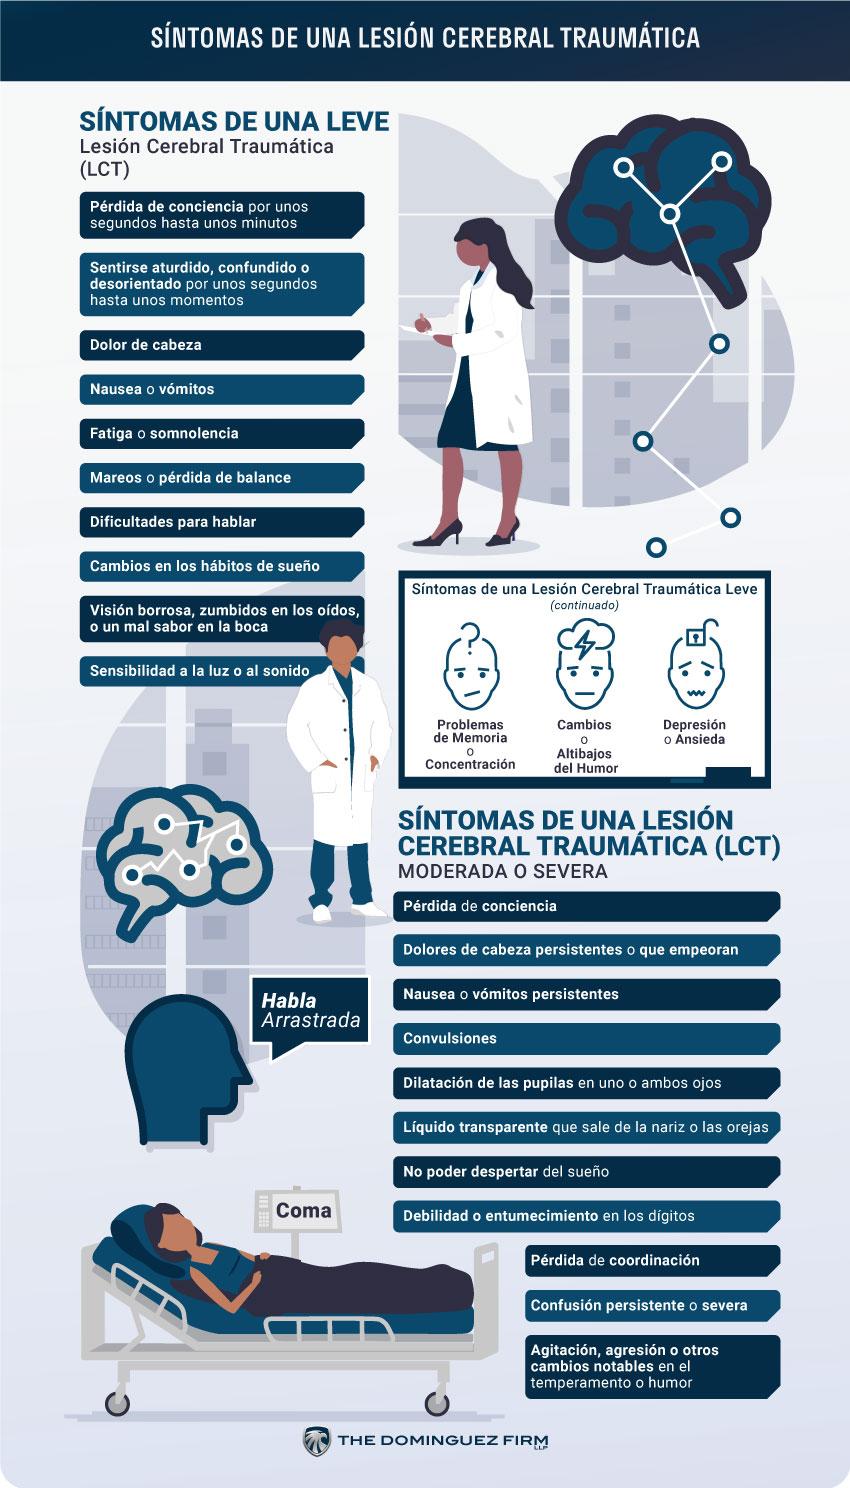 Sintomas de una Lesion Cerebral Traumatica